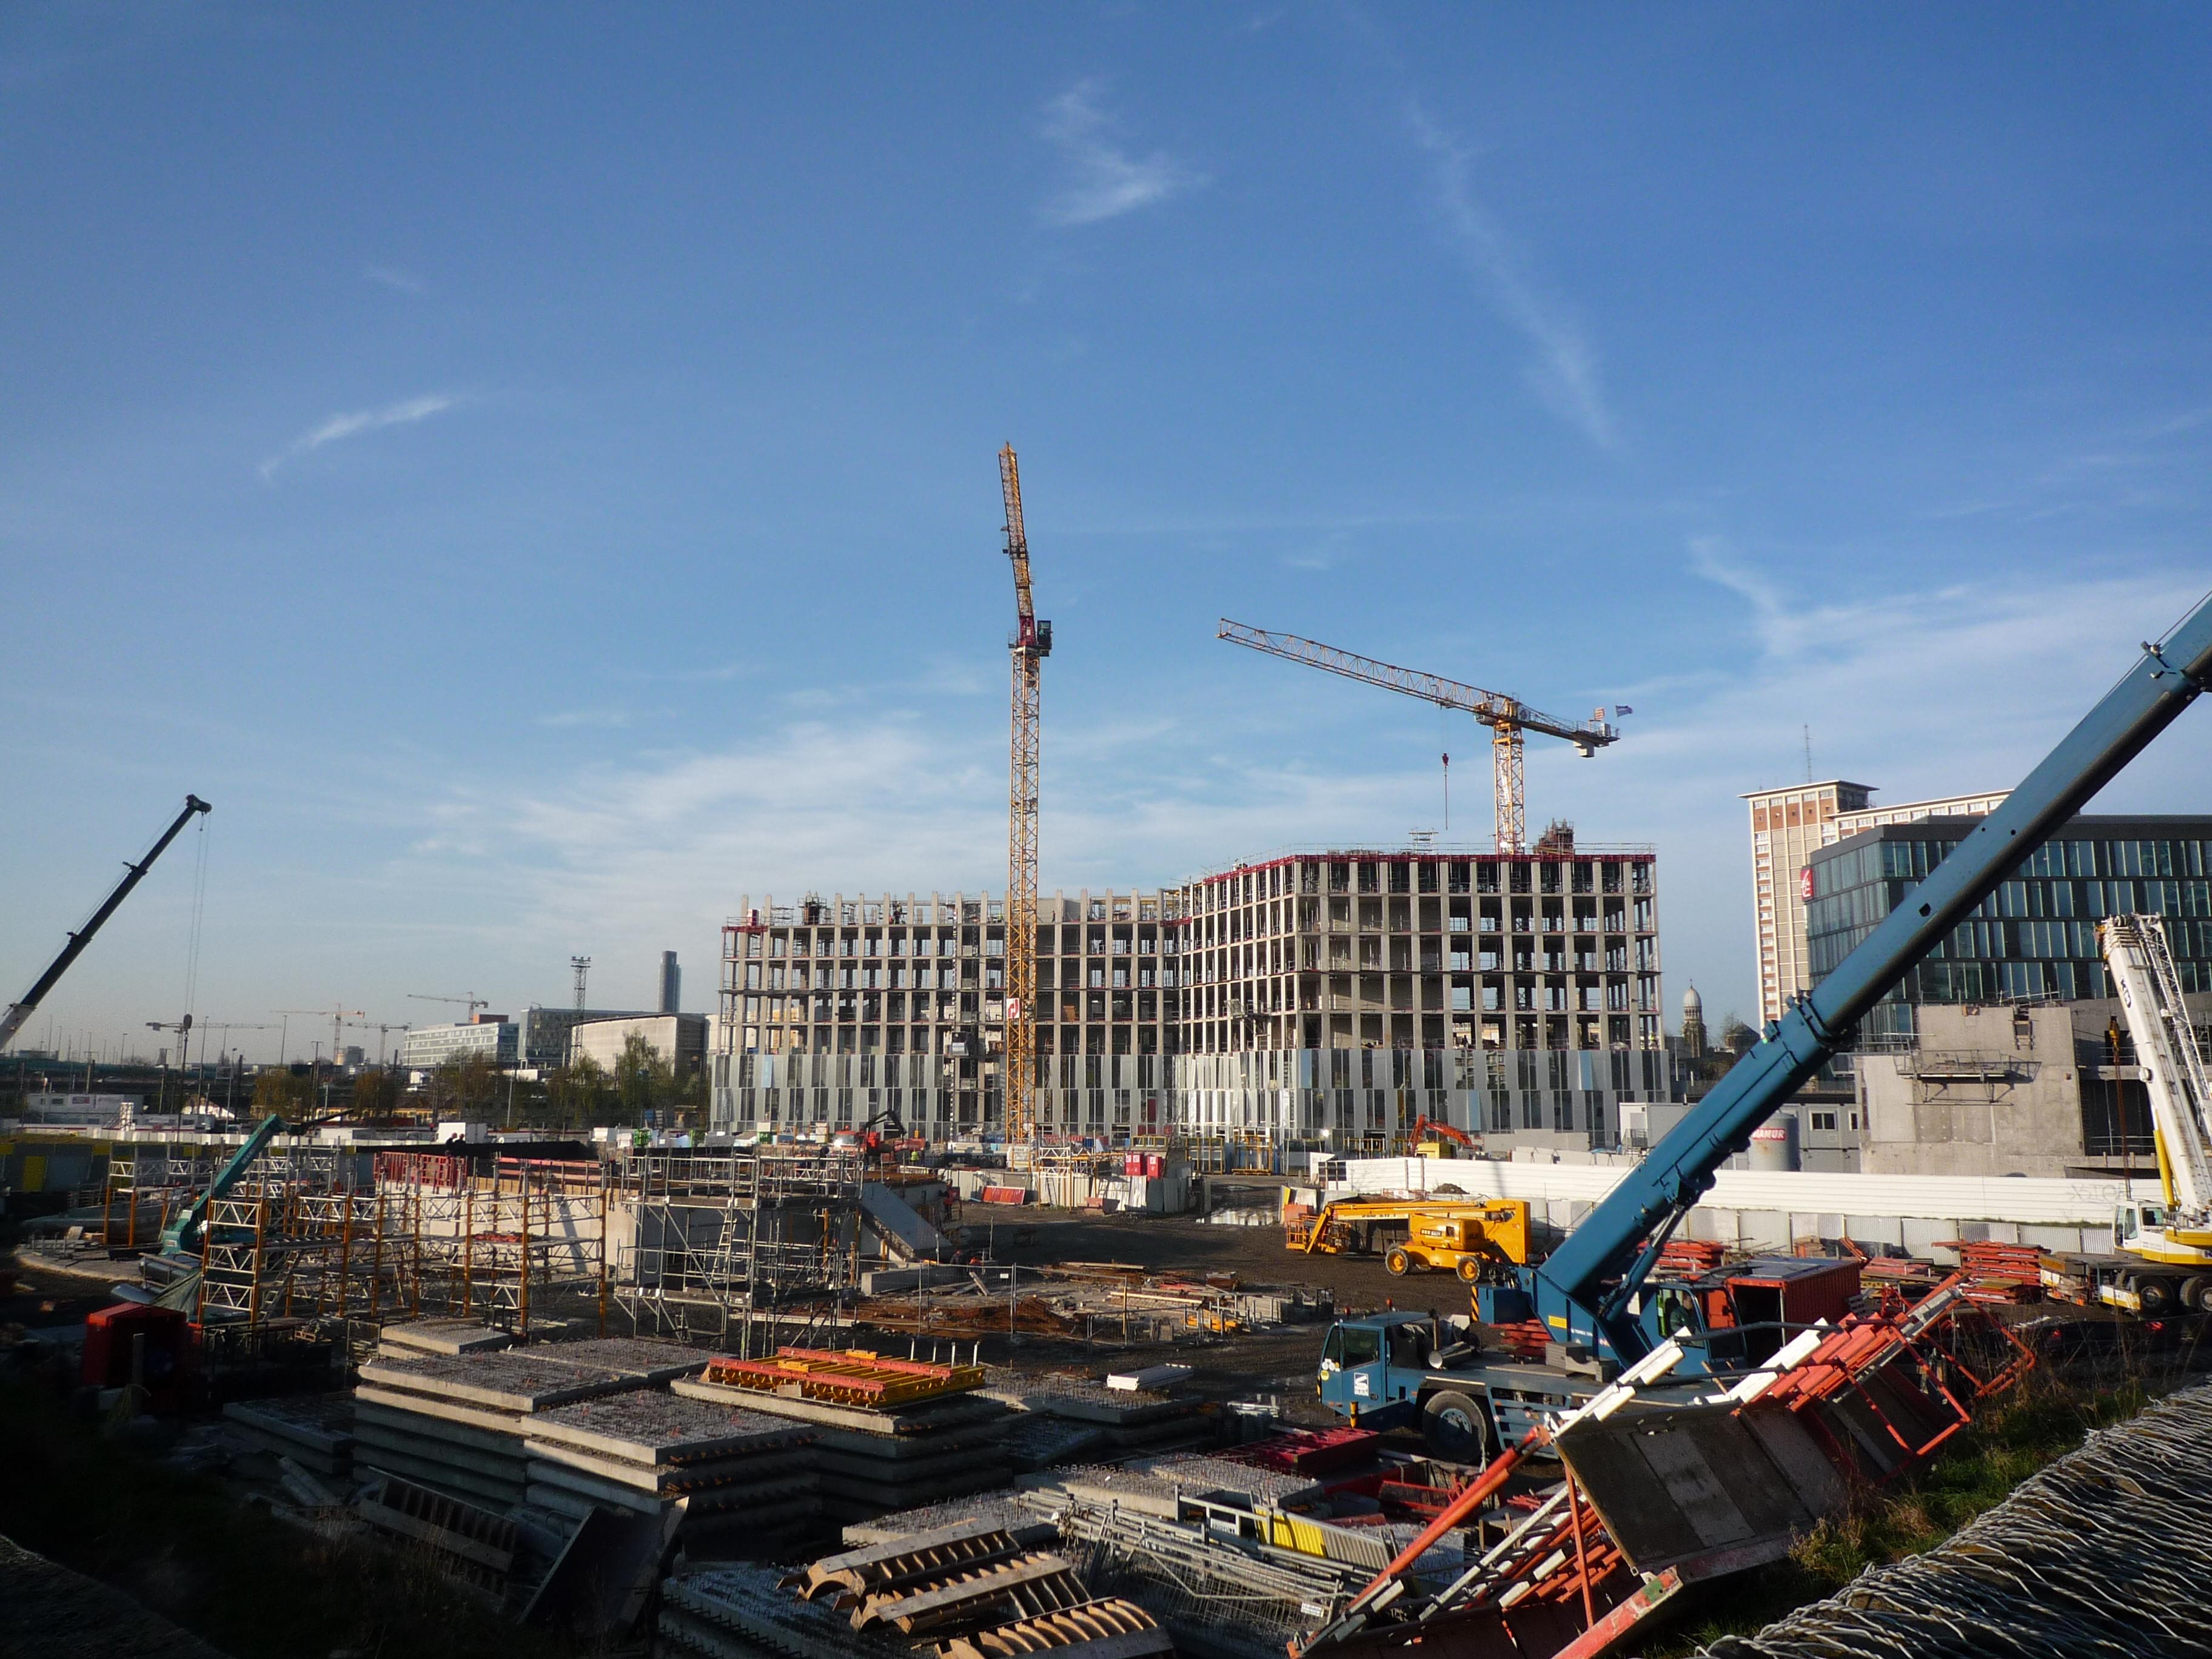 File:Lille - Euralille 2 en construction 02.JPG - Wikimedia Commons